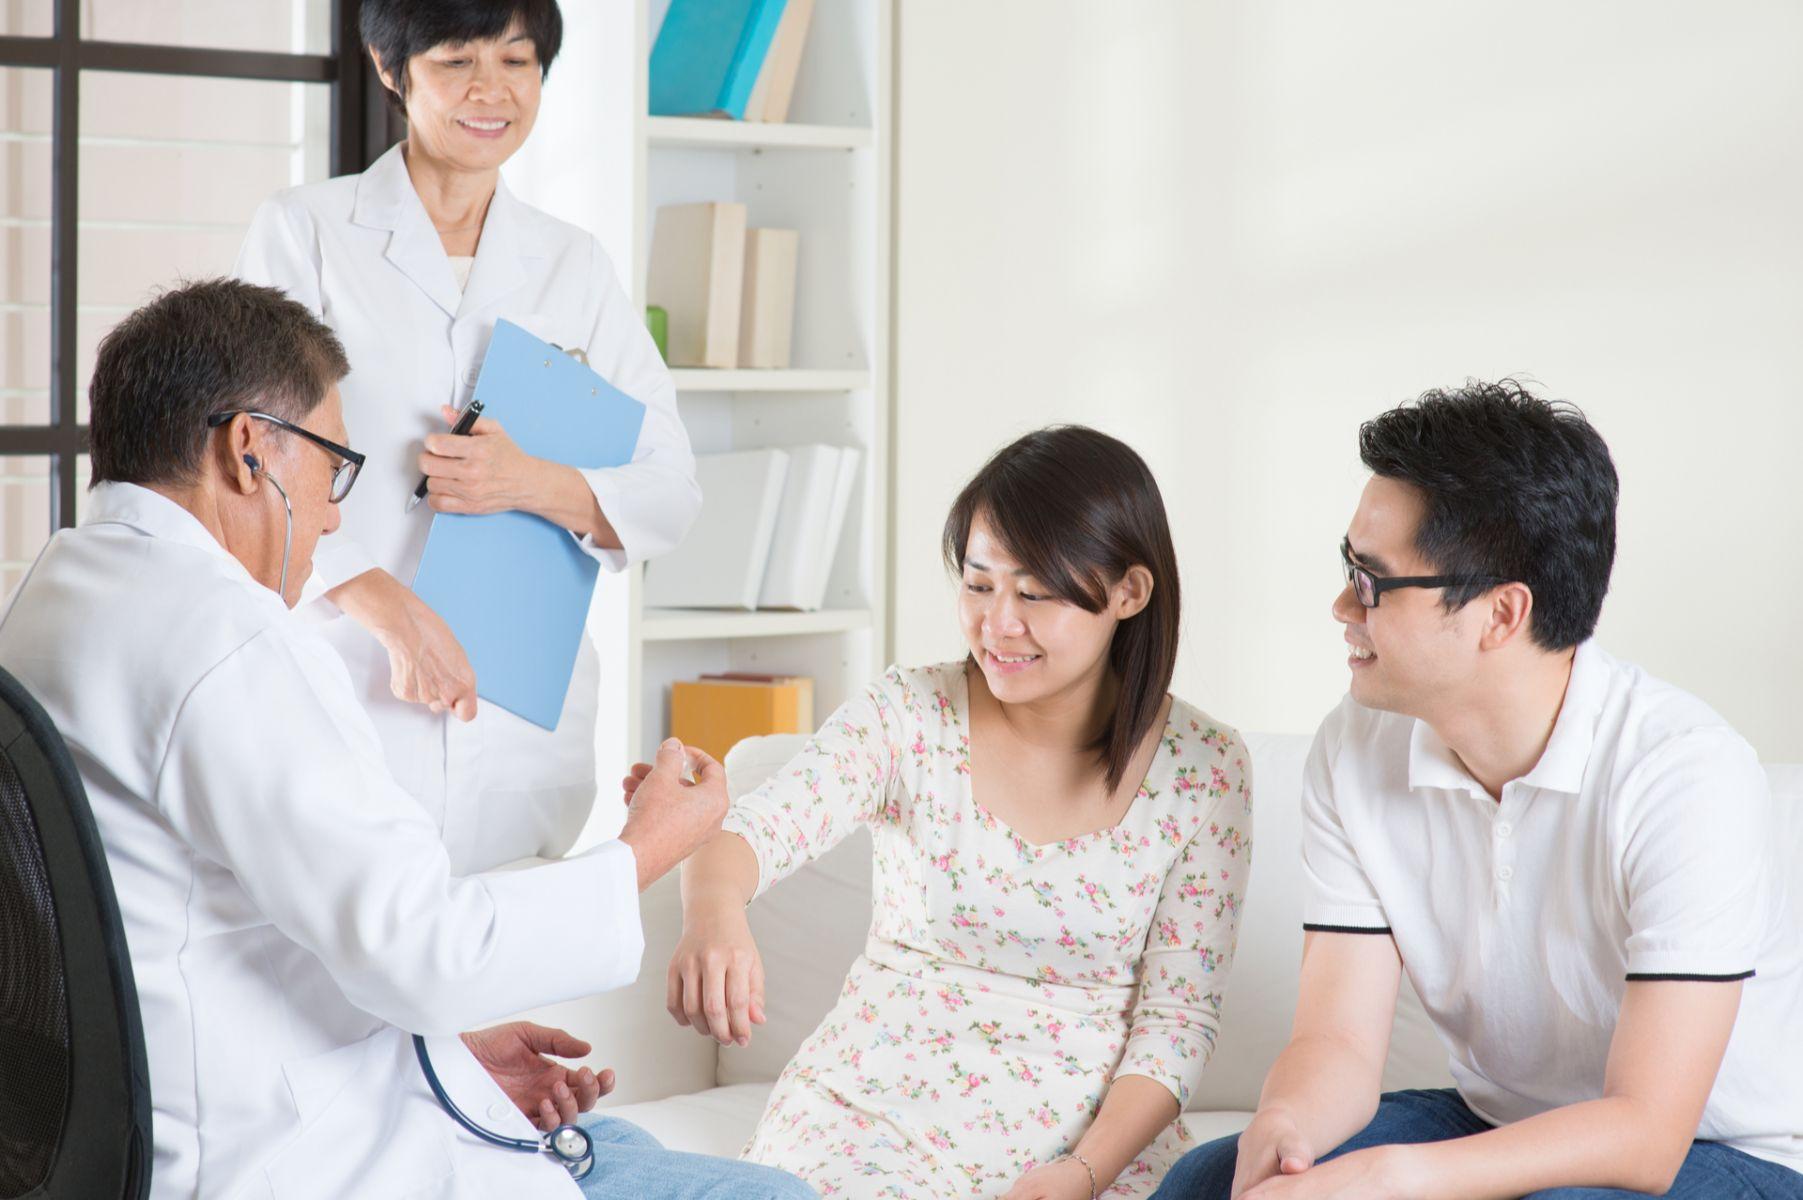 促進醫病關係 行政院通過「醫療事故預防及爭議處理法」草案